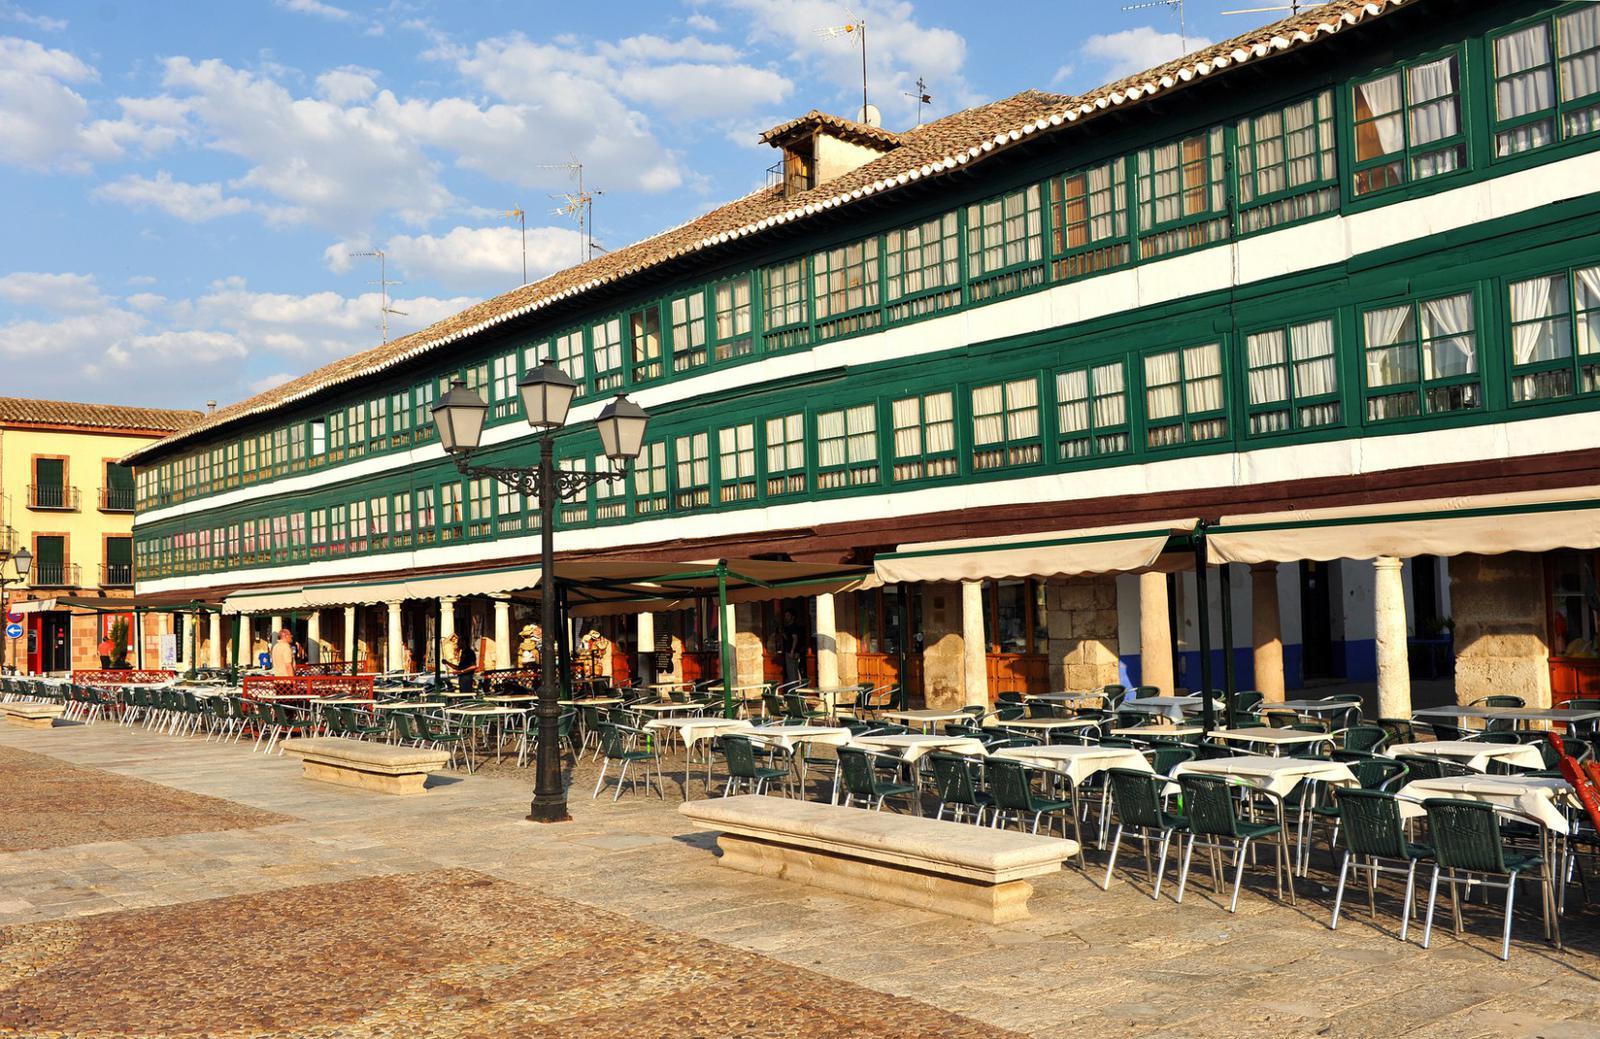 pueblos medievales Almagro, Plaza Mayor, Castilla la Mancha, España